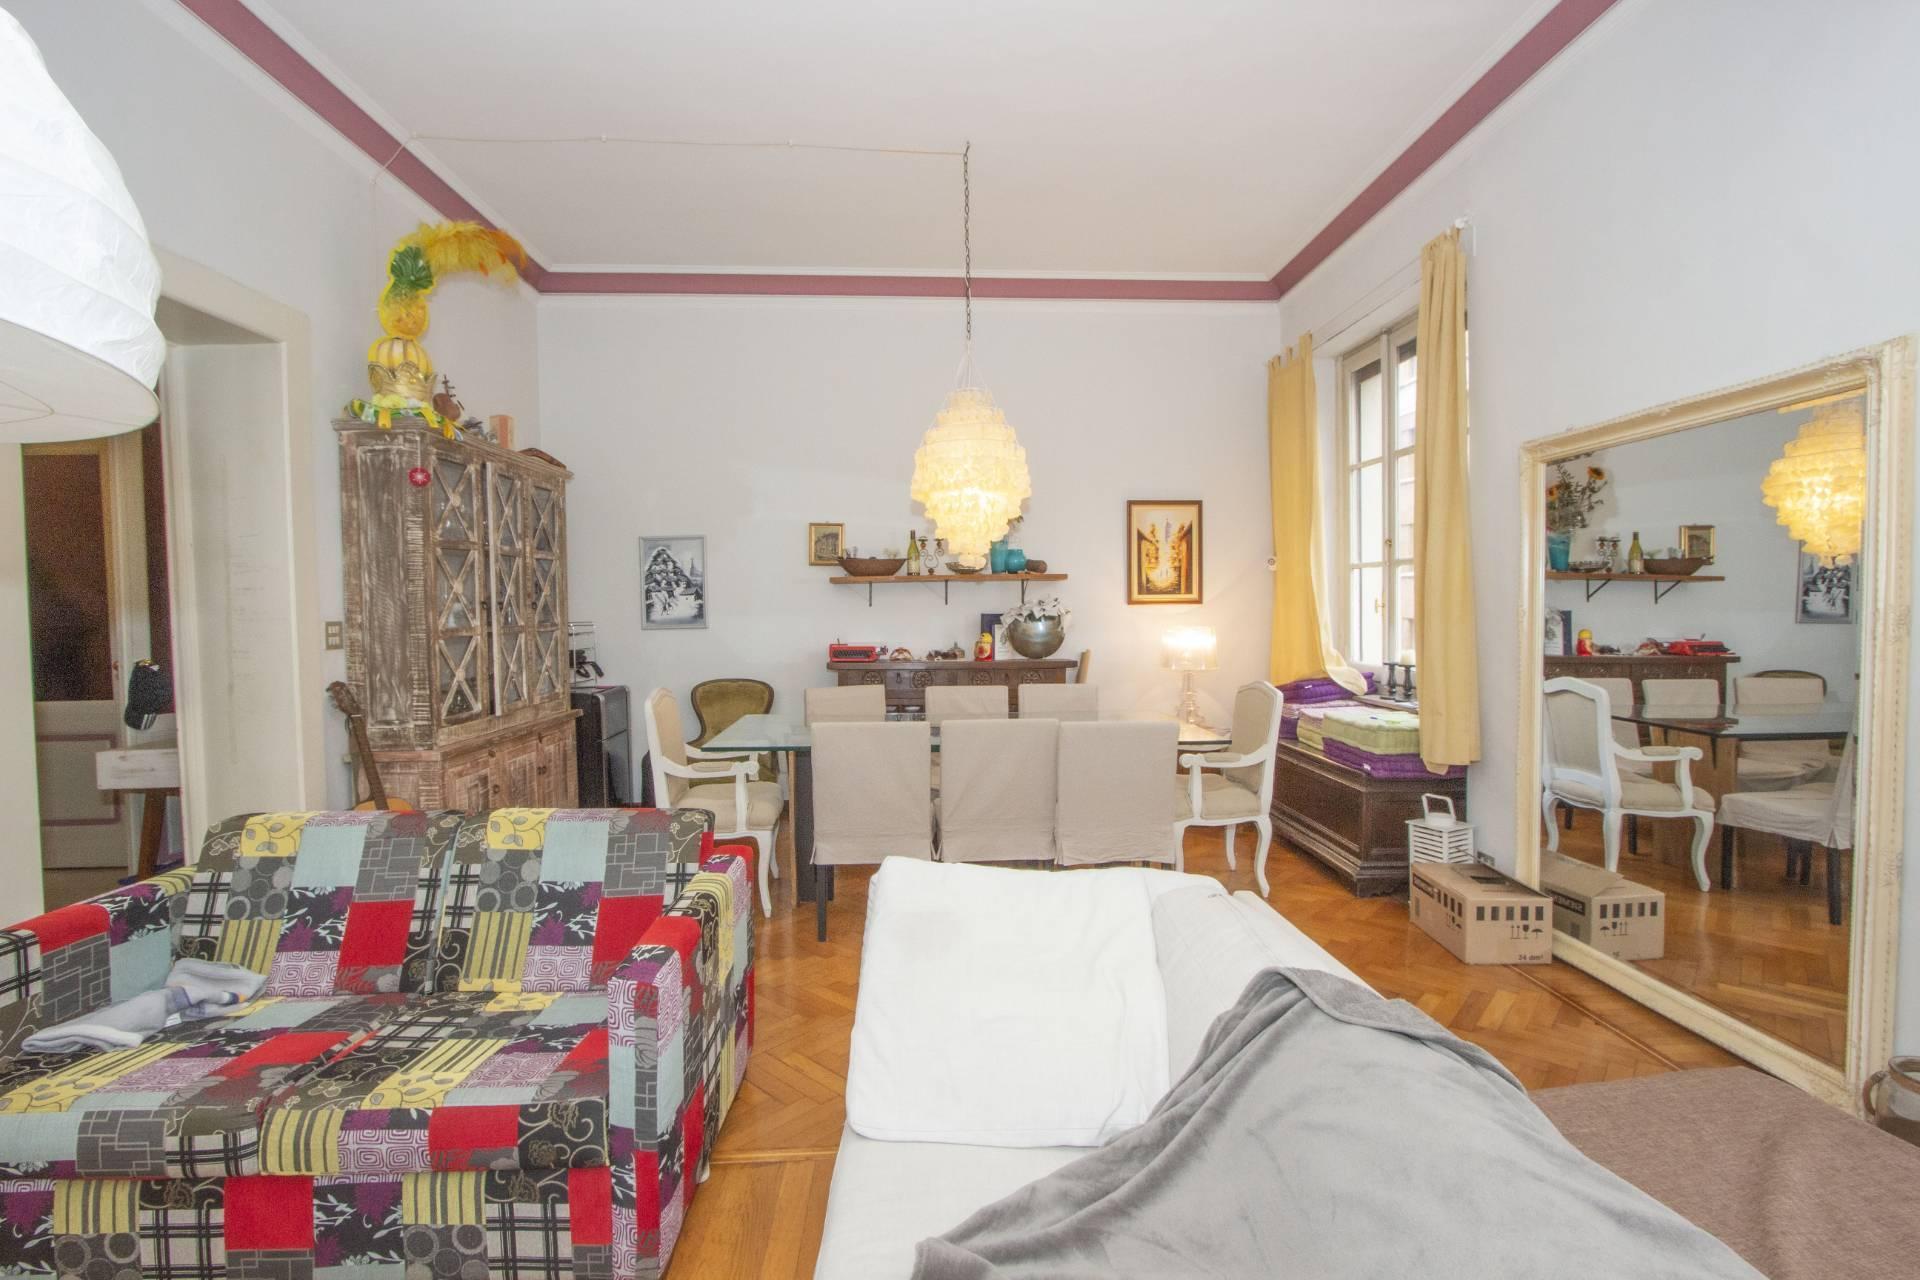 Appartamento TORINO affitto  Crocetta  Chiusano & C. Immobiliare